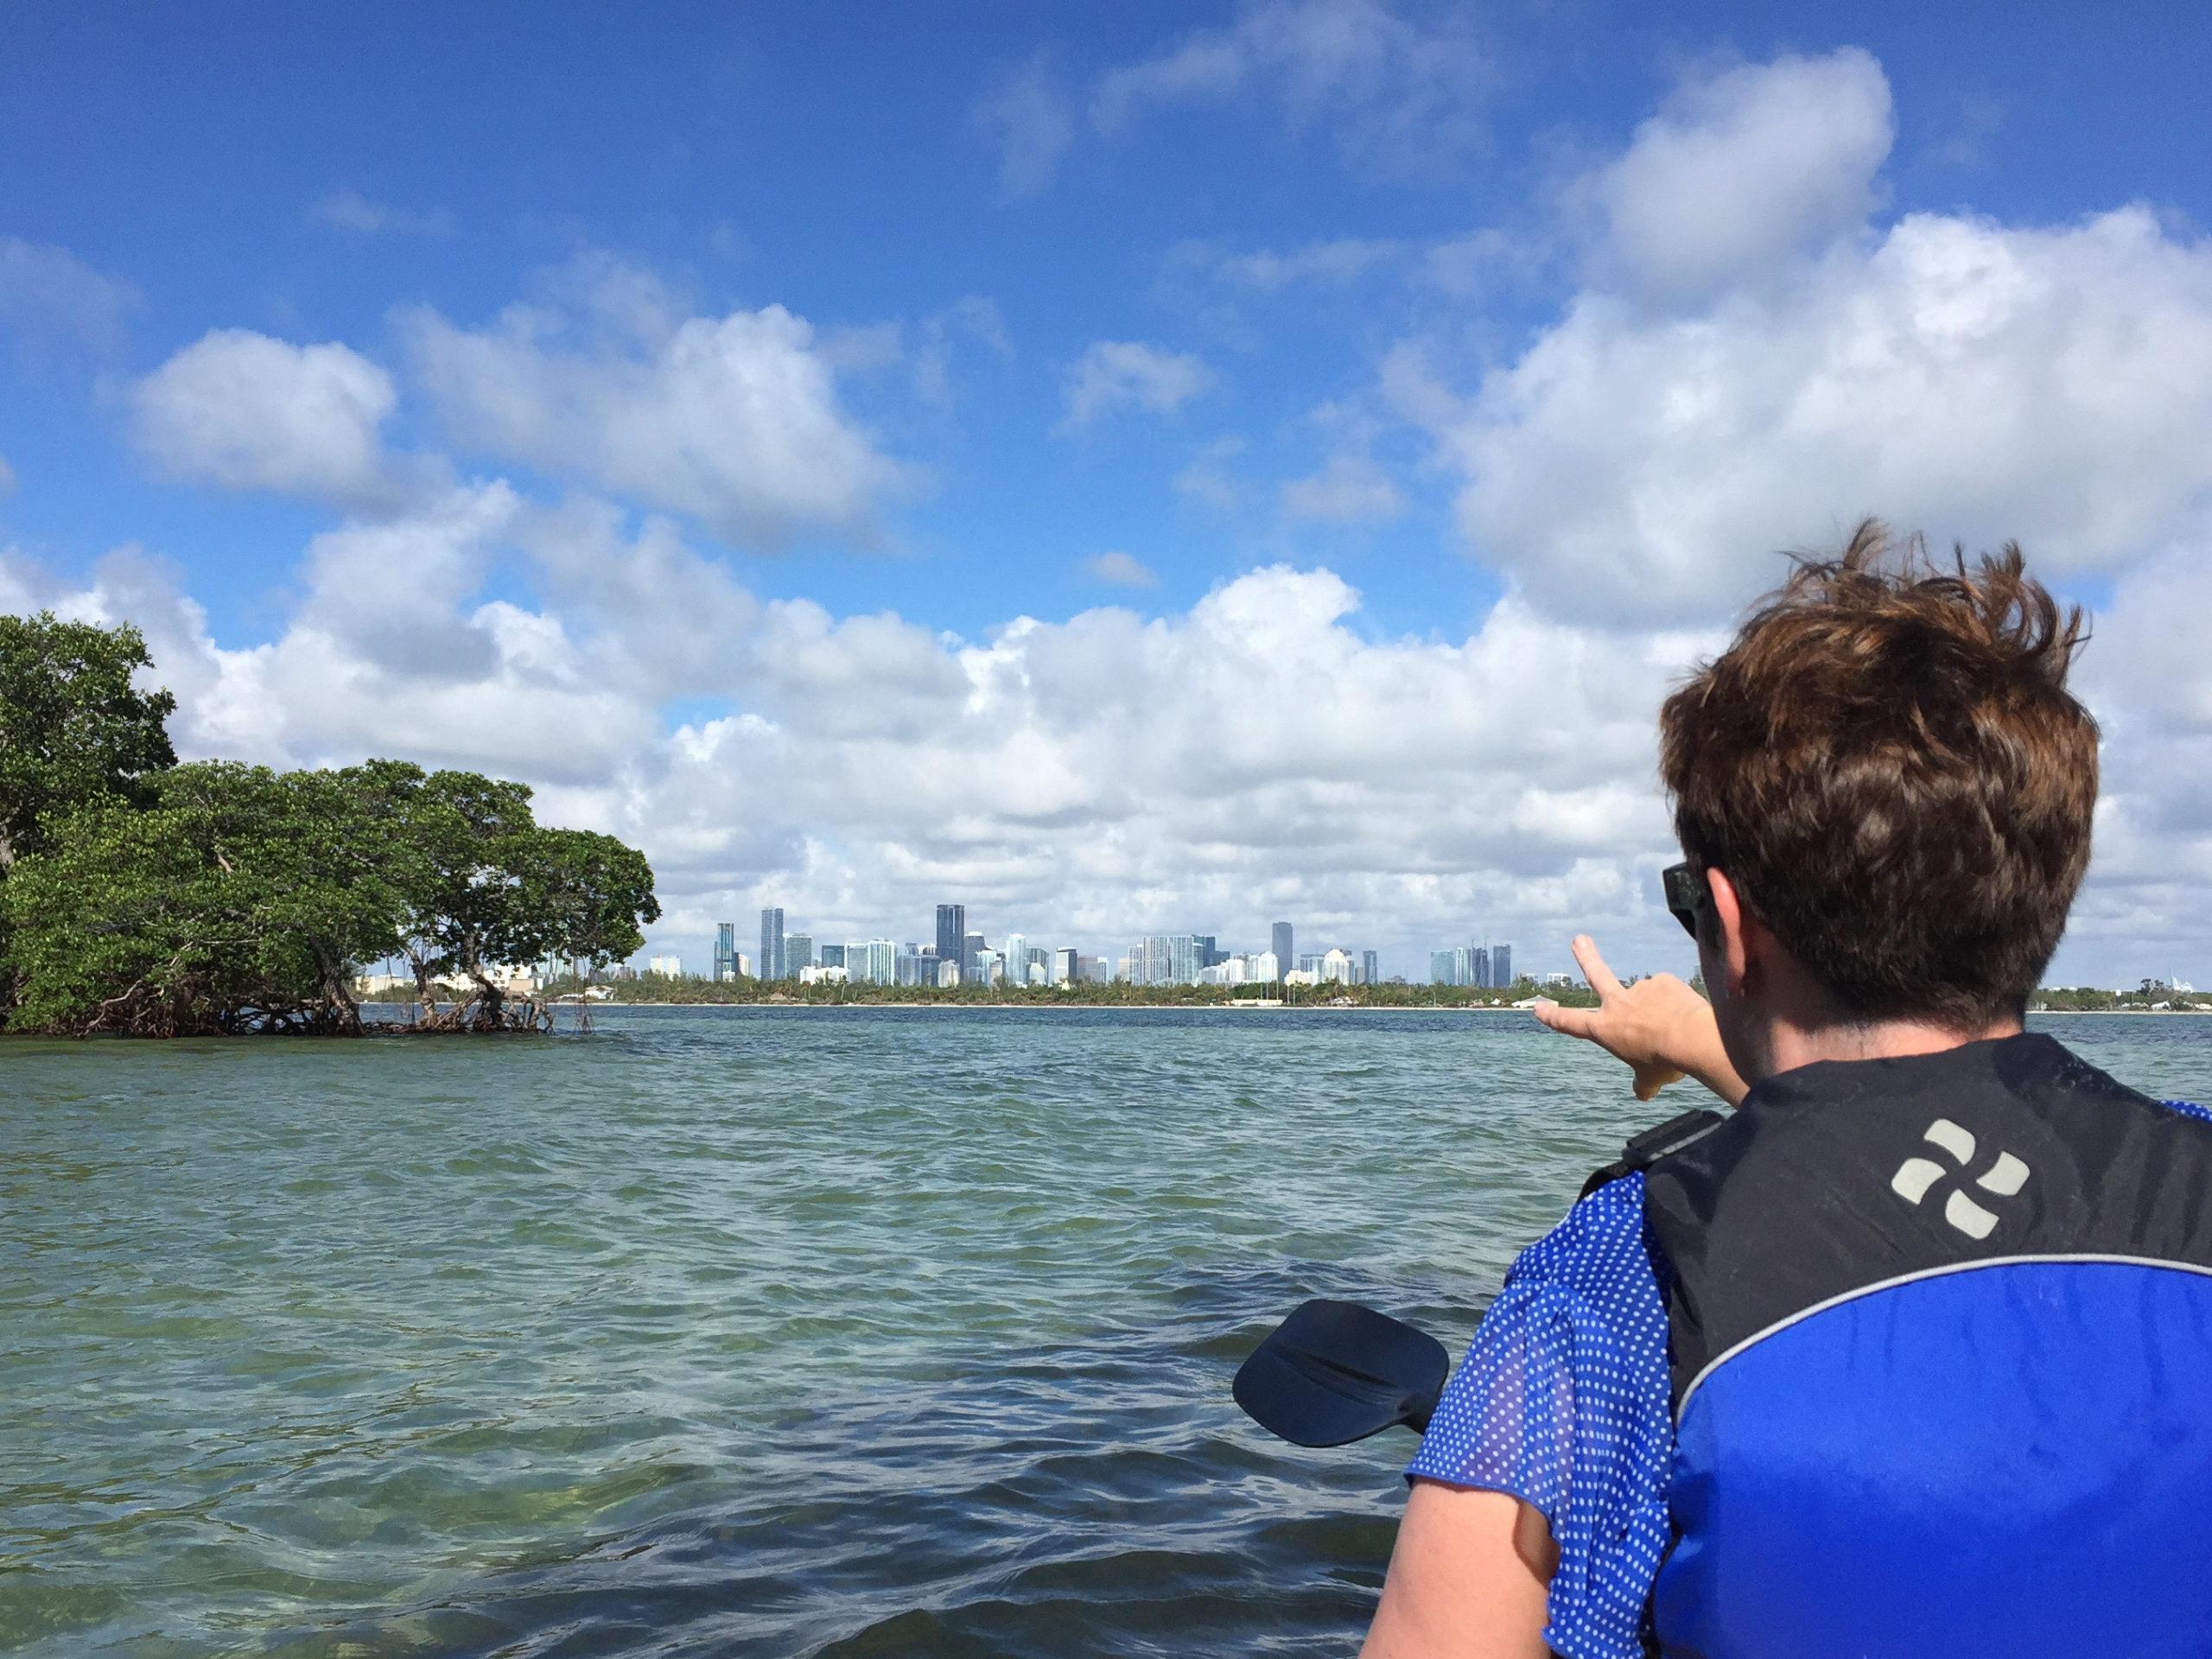 Eine Frau zeigt aus einen Kanu auf die Wolkenkratzer von Miami